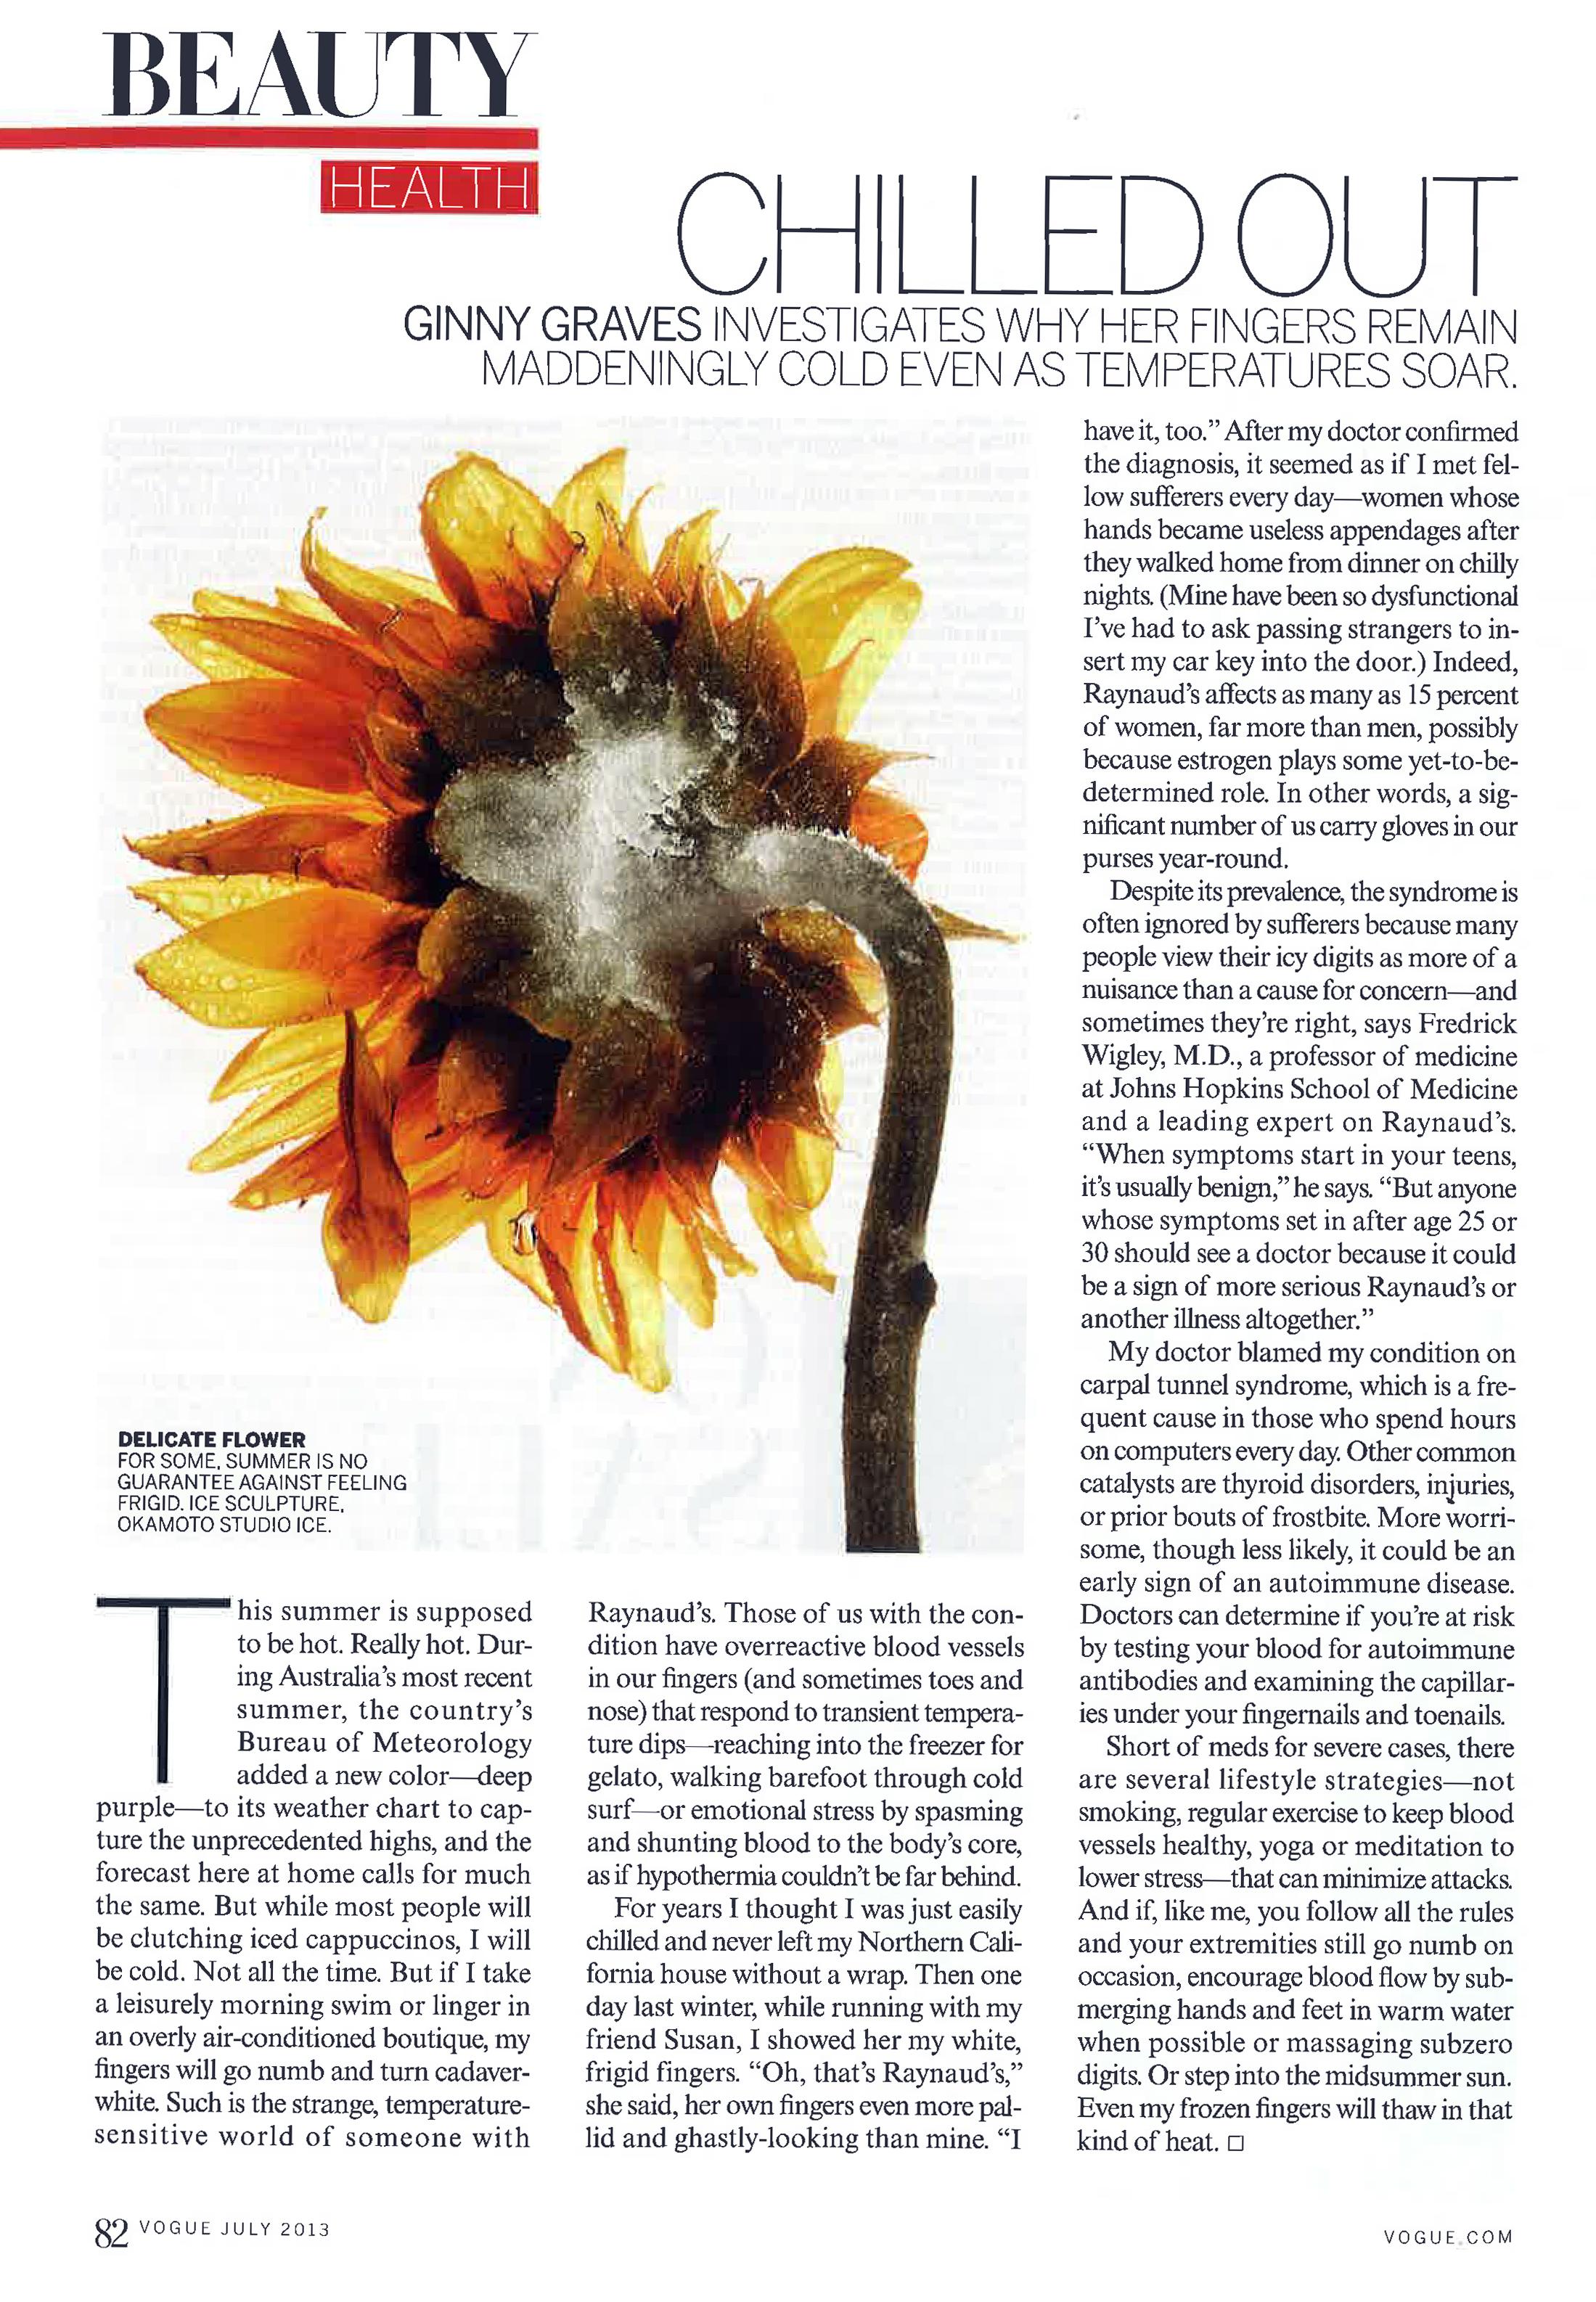 Vogue July 2013.jpg